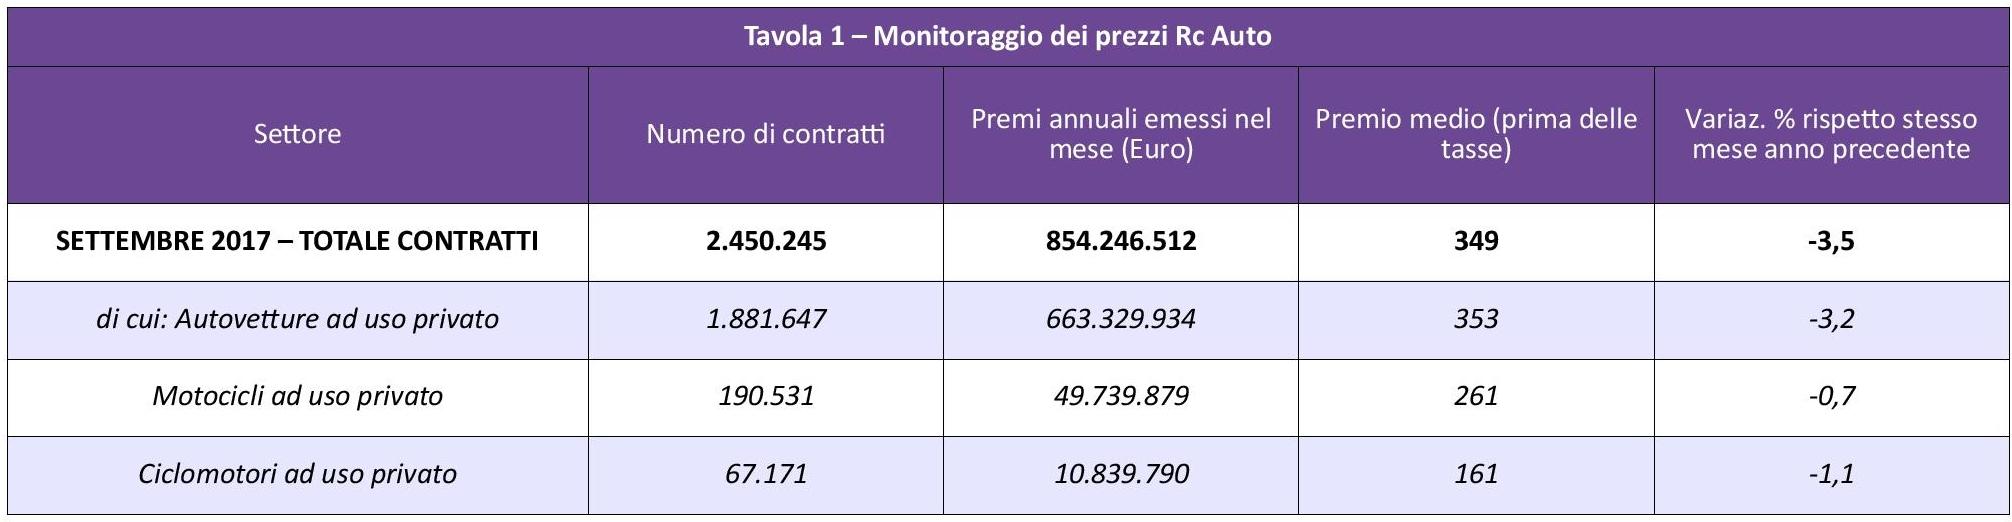 ANIA - Monitoraggio prezzi Rc Auto - Settembre 2017 IMC